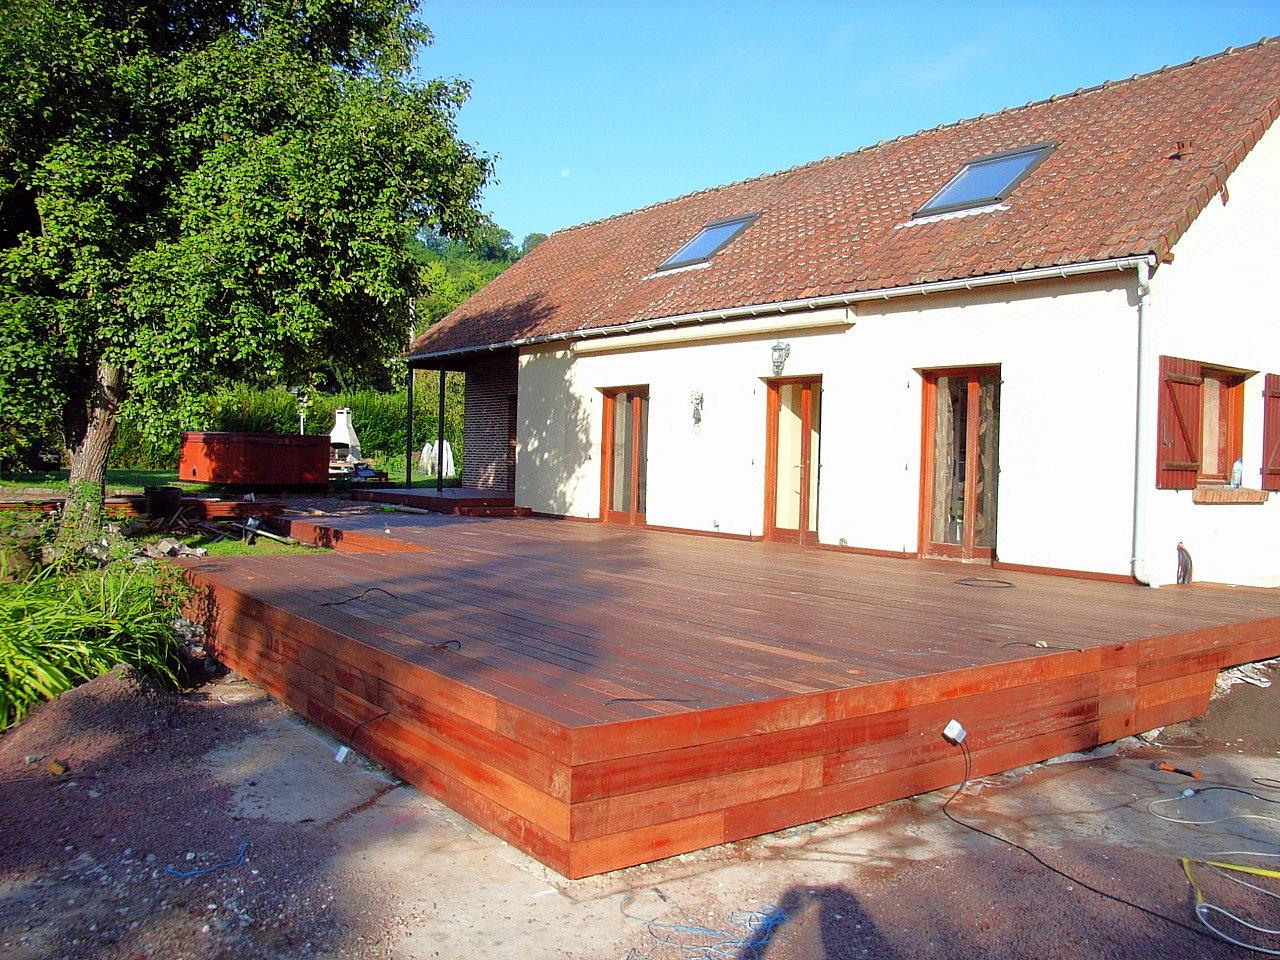 Bois Pour Terrasse Extérieure construire une terrasse en bois - paysagiste amiens